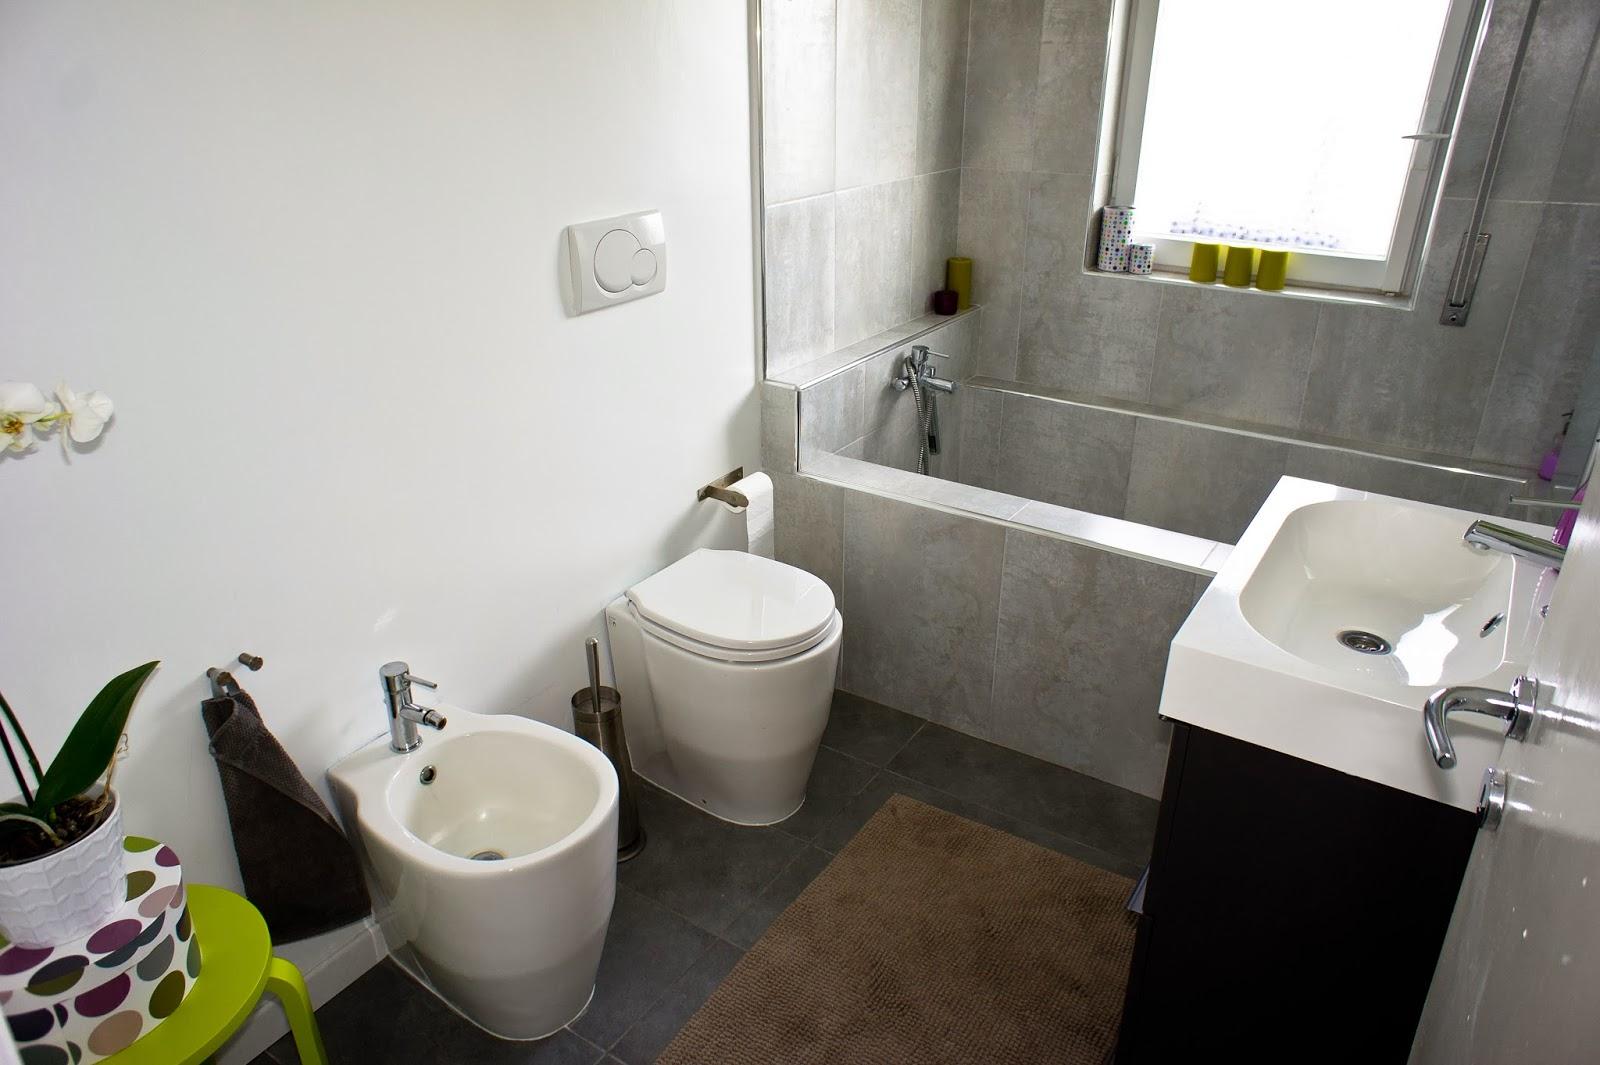 Ea ristruttura appartamento ristrutturato da noi bagno - Smalti per piastrelle bagno ...